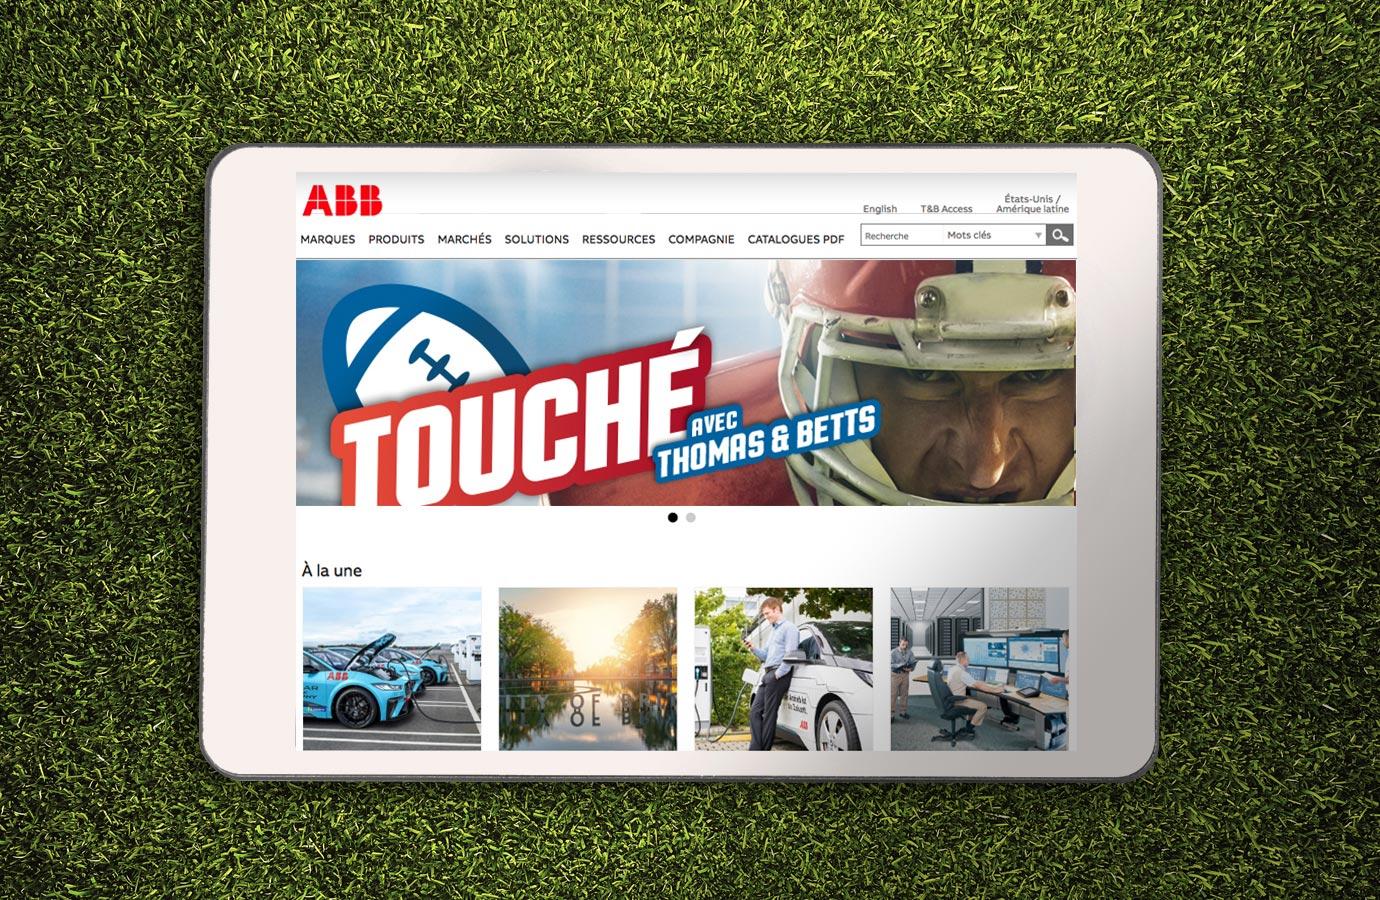 publicité web pour la promotion Touchdown de Thomas & Betts